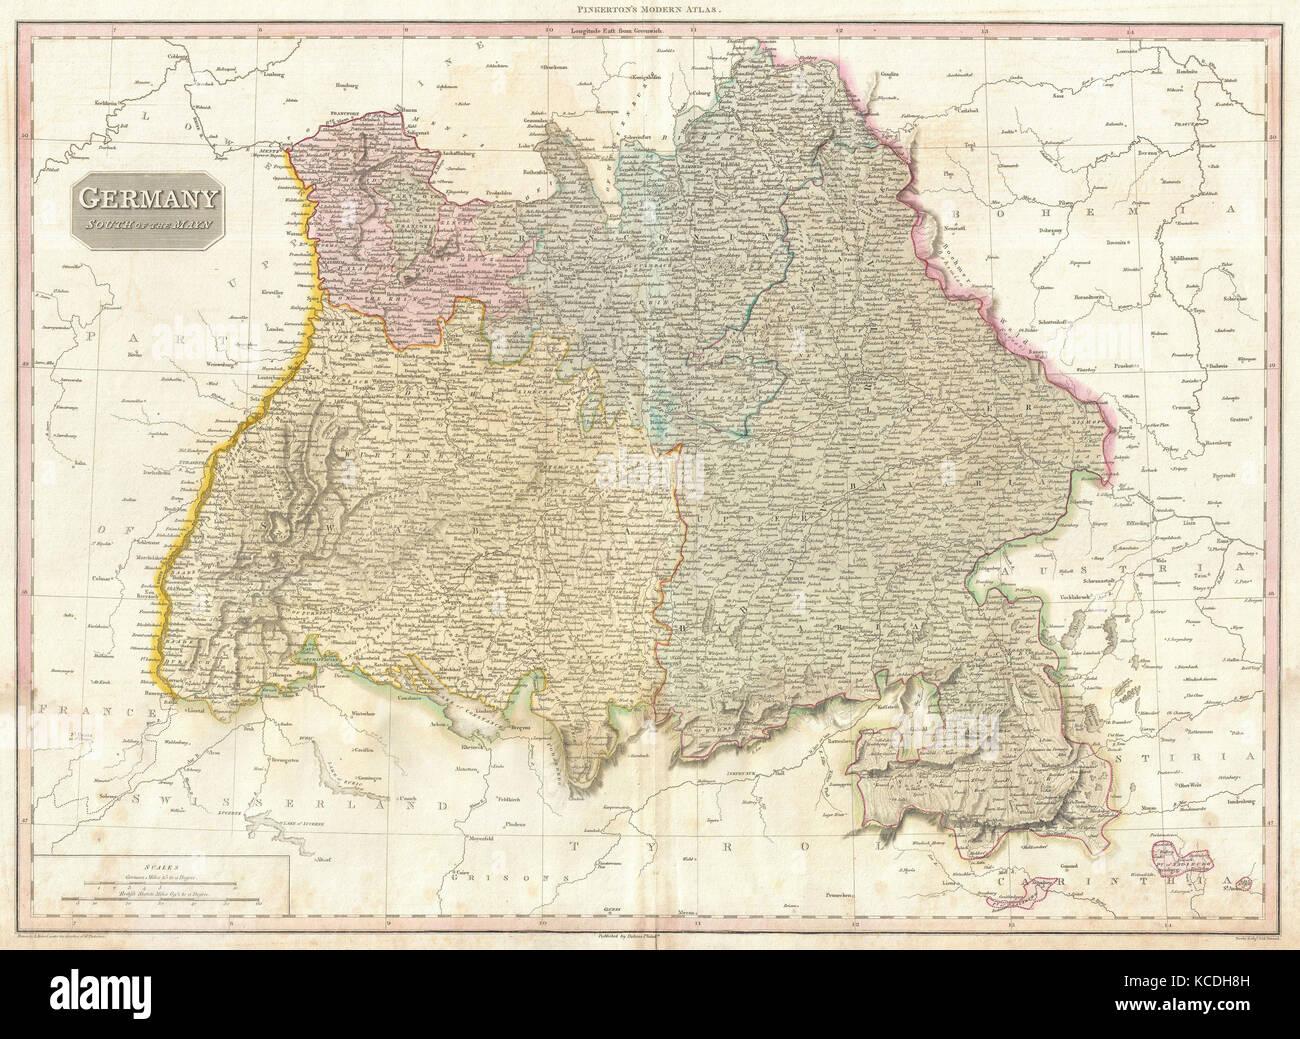 Schwaben Karte Deutschland.1818 Pinkerton Karte Des Südwestlichen Deutschland Bayern